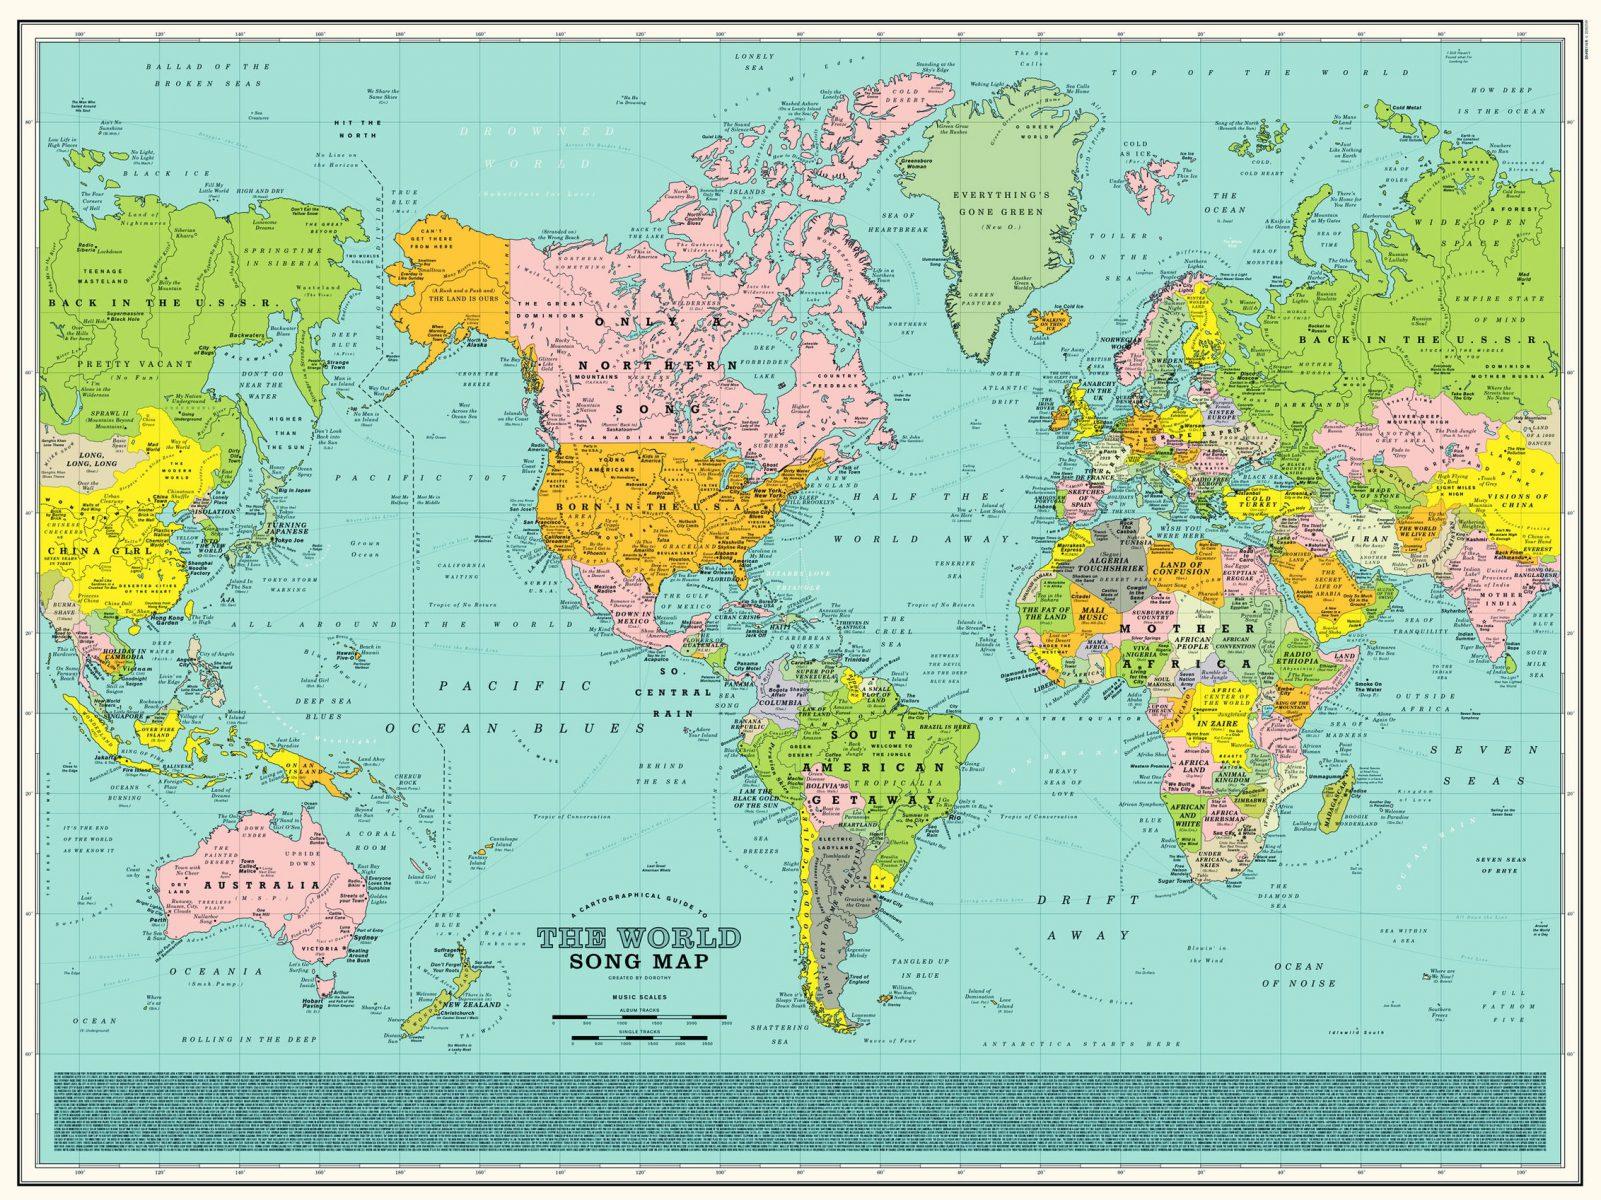 carte-monde-chanson-01